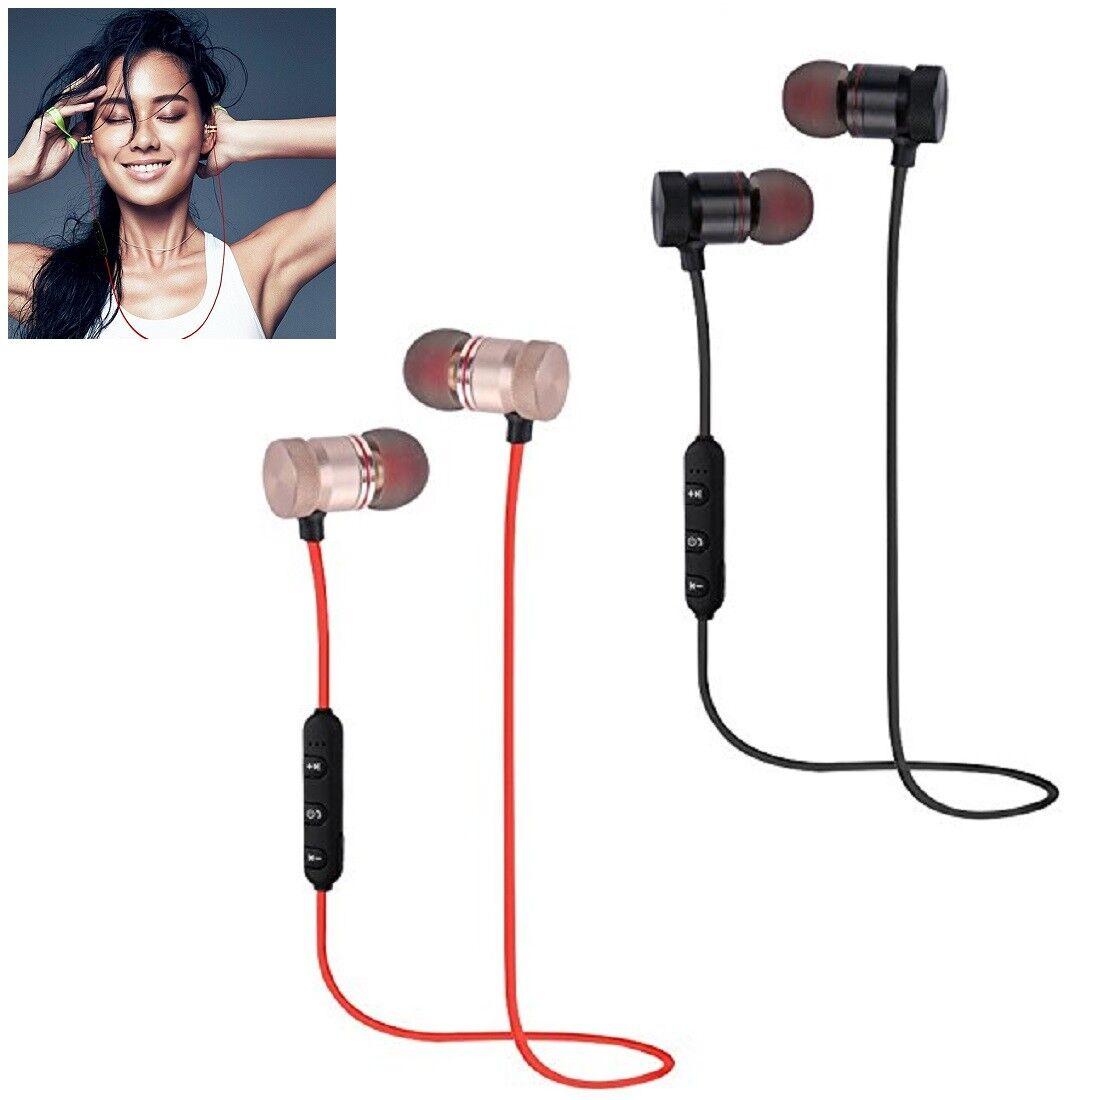 Bluetooth Earbuds Earphone Sports Wireless Headphones in Ear